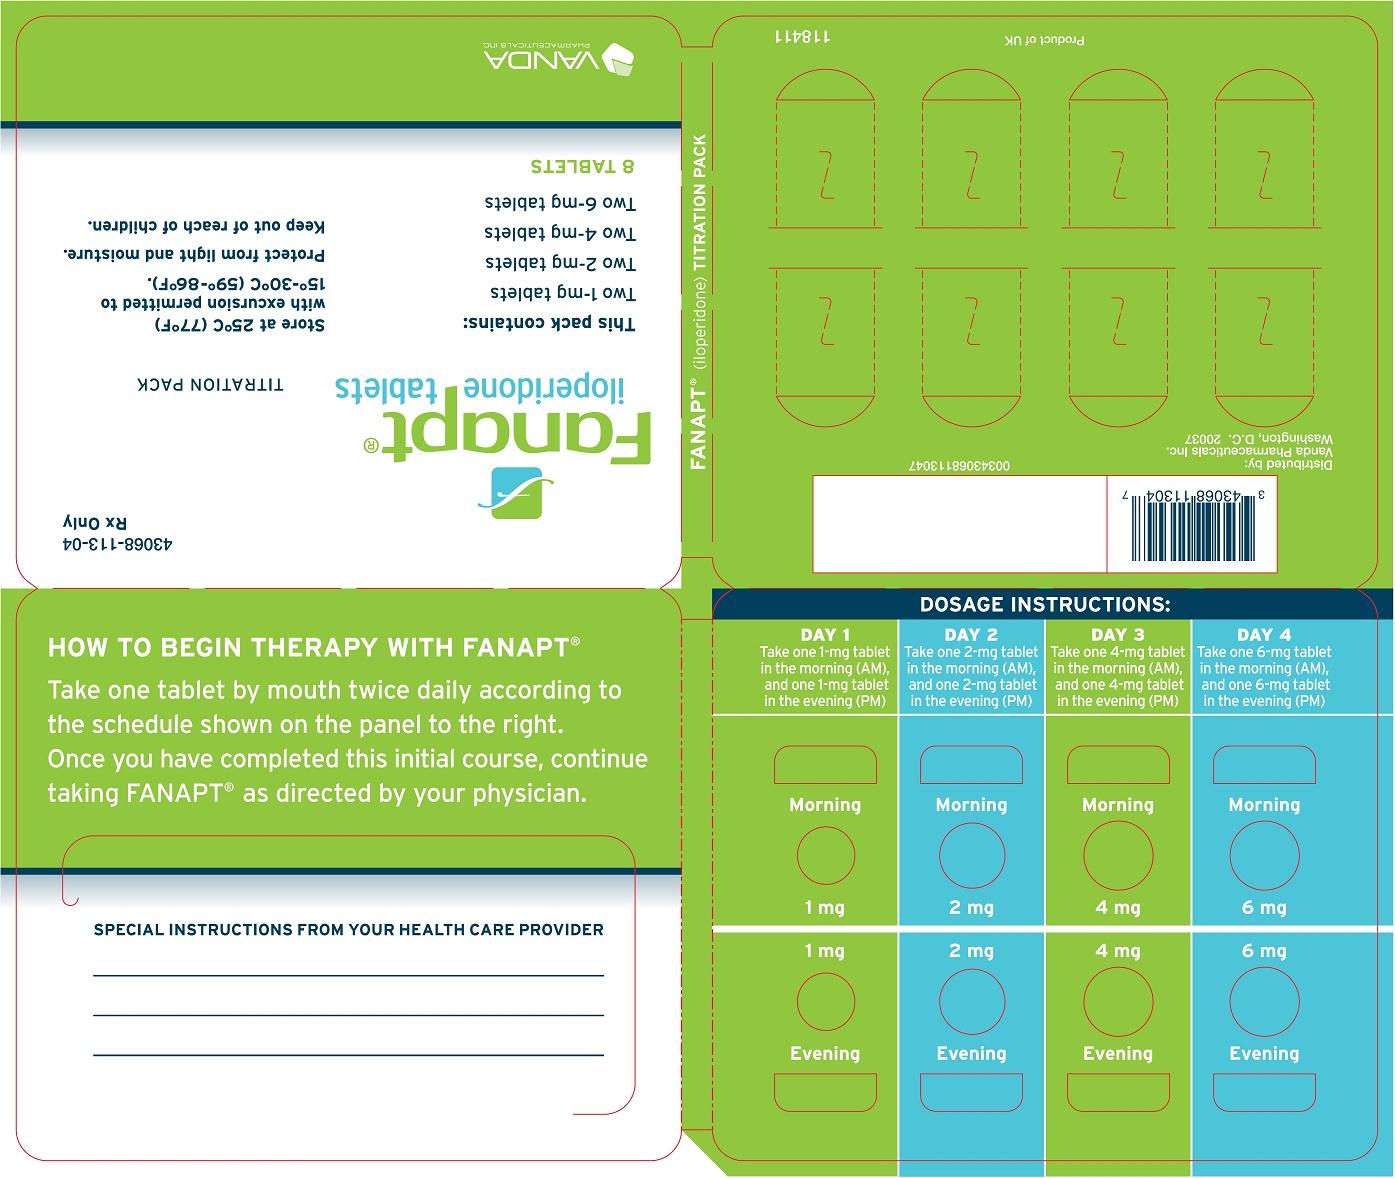 PRINCIPAL DISPLAY PANEL - 6mg carton